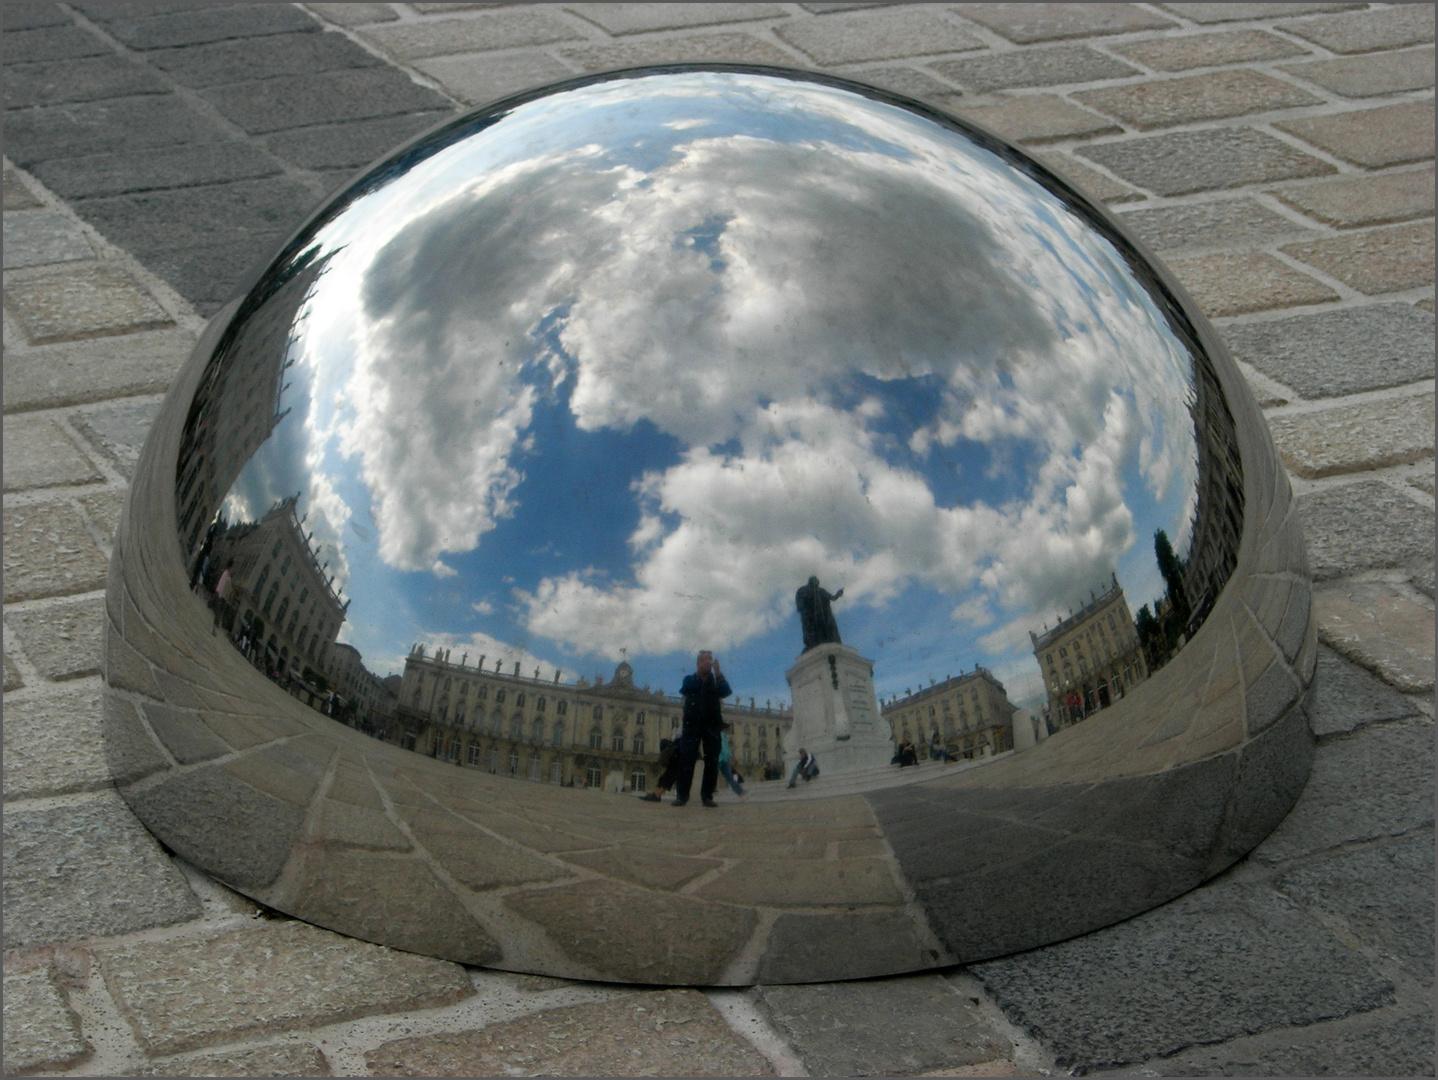 A Nancy, la Place Stanislas tient dans une demi-sphère...